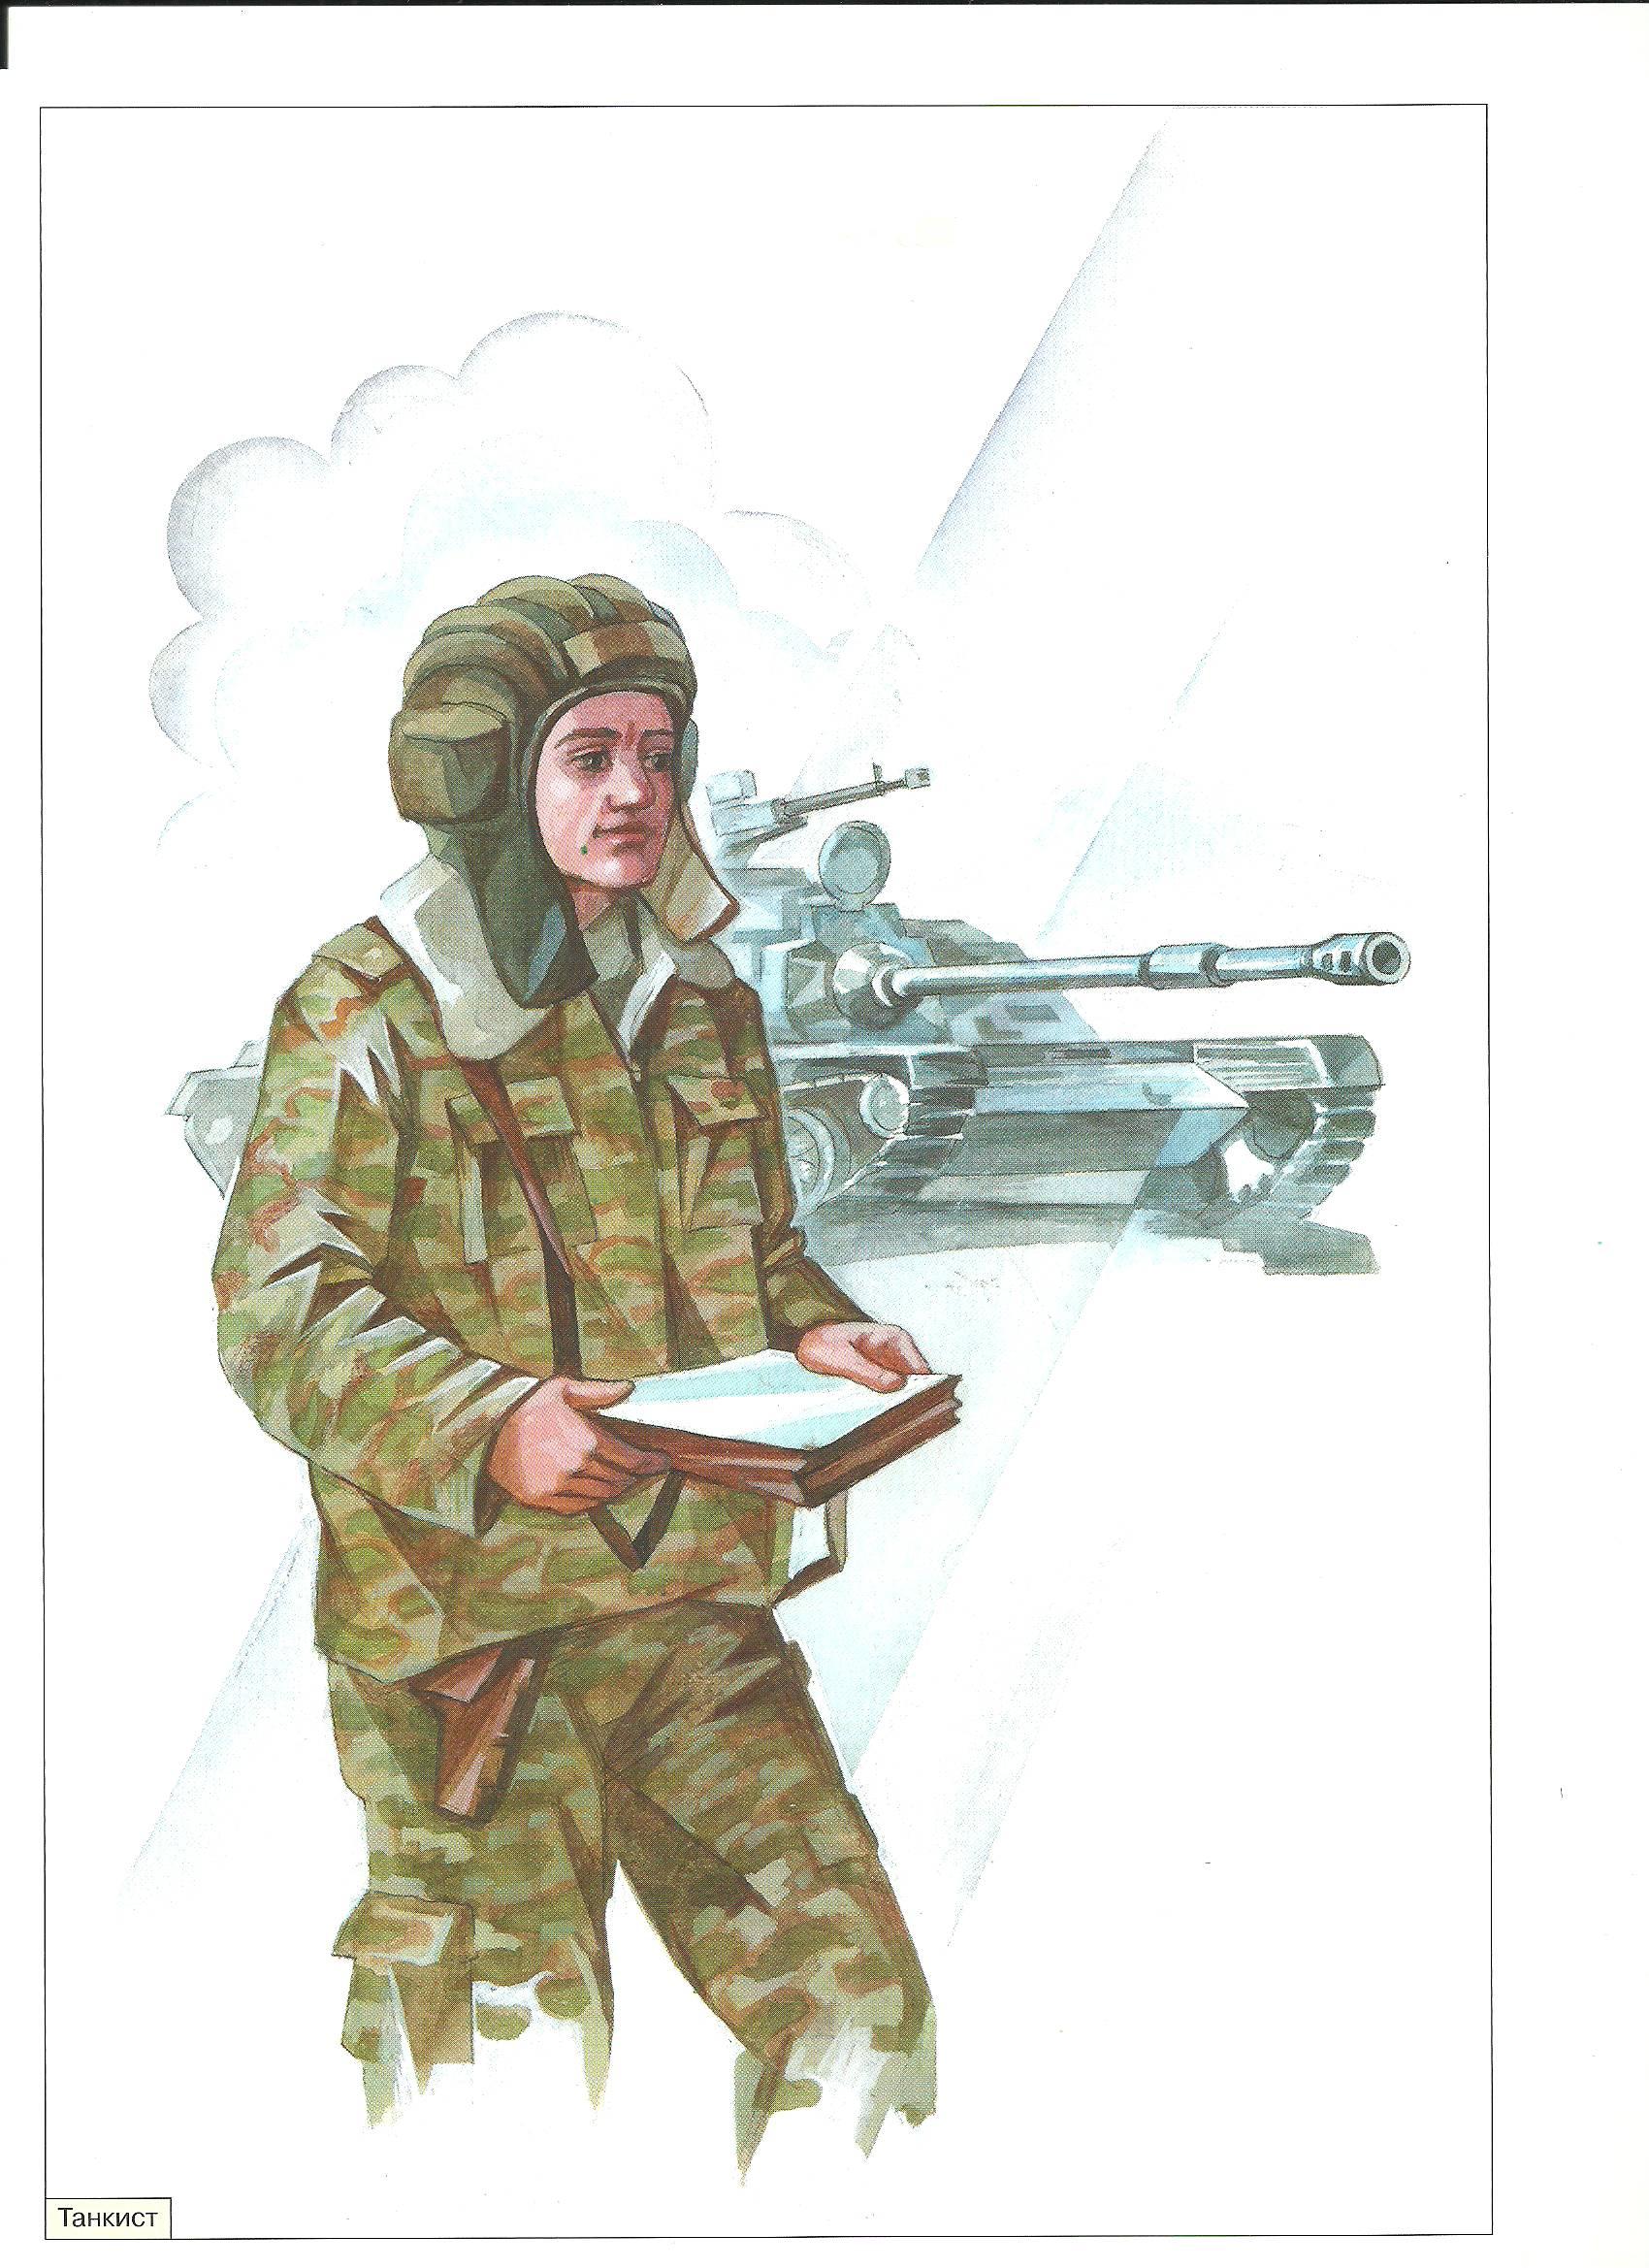 Картинки о российской армии для детей, поздравления юбилеем